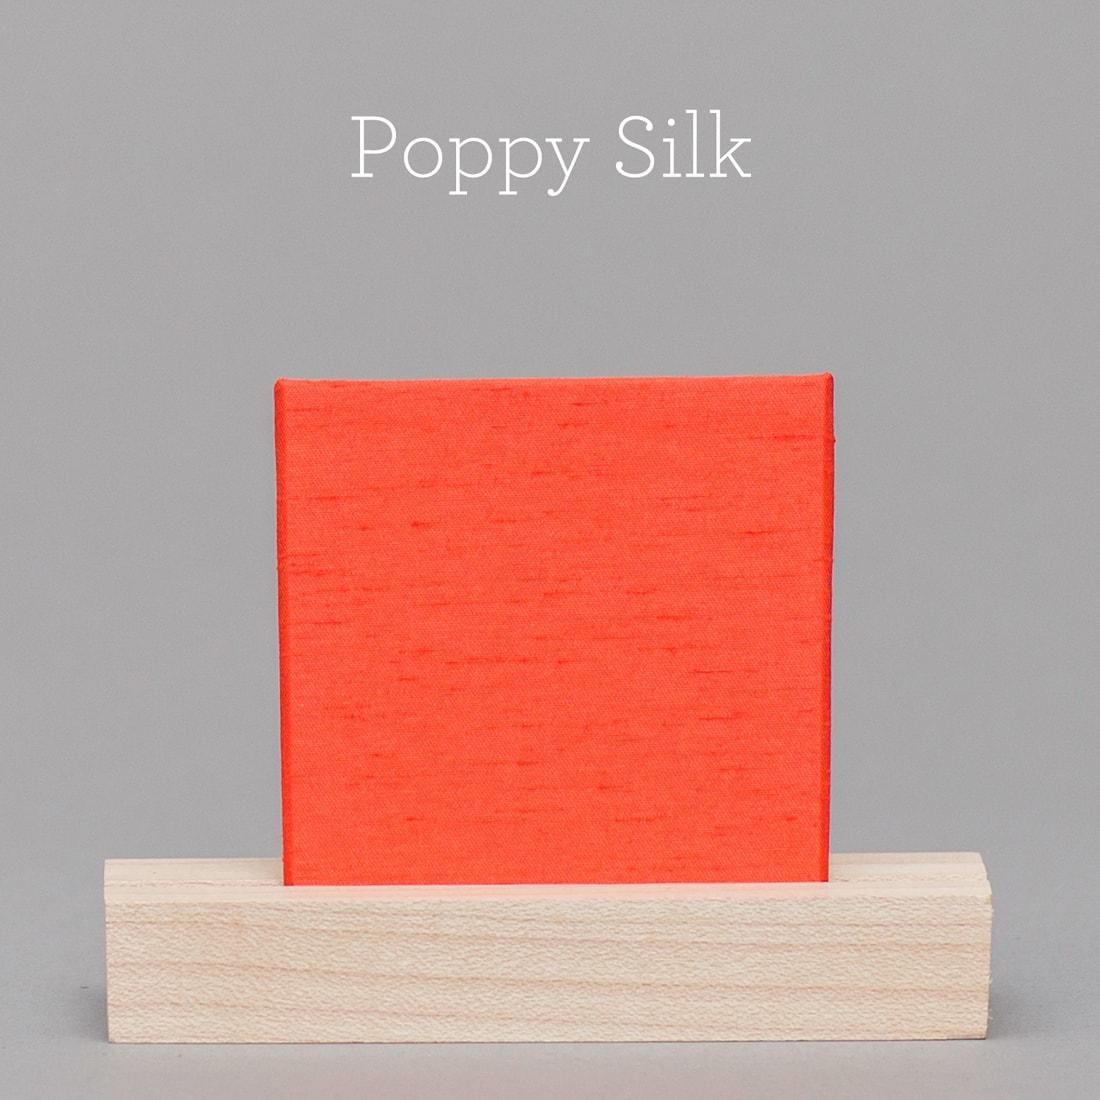 PoppySilk